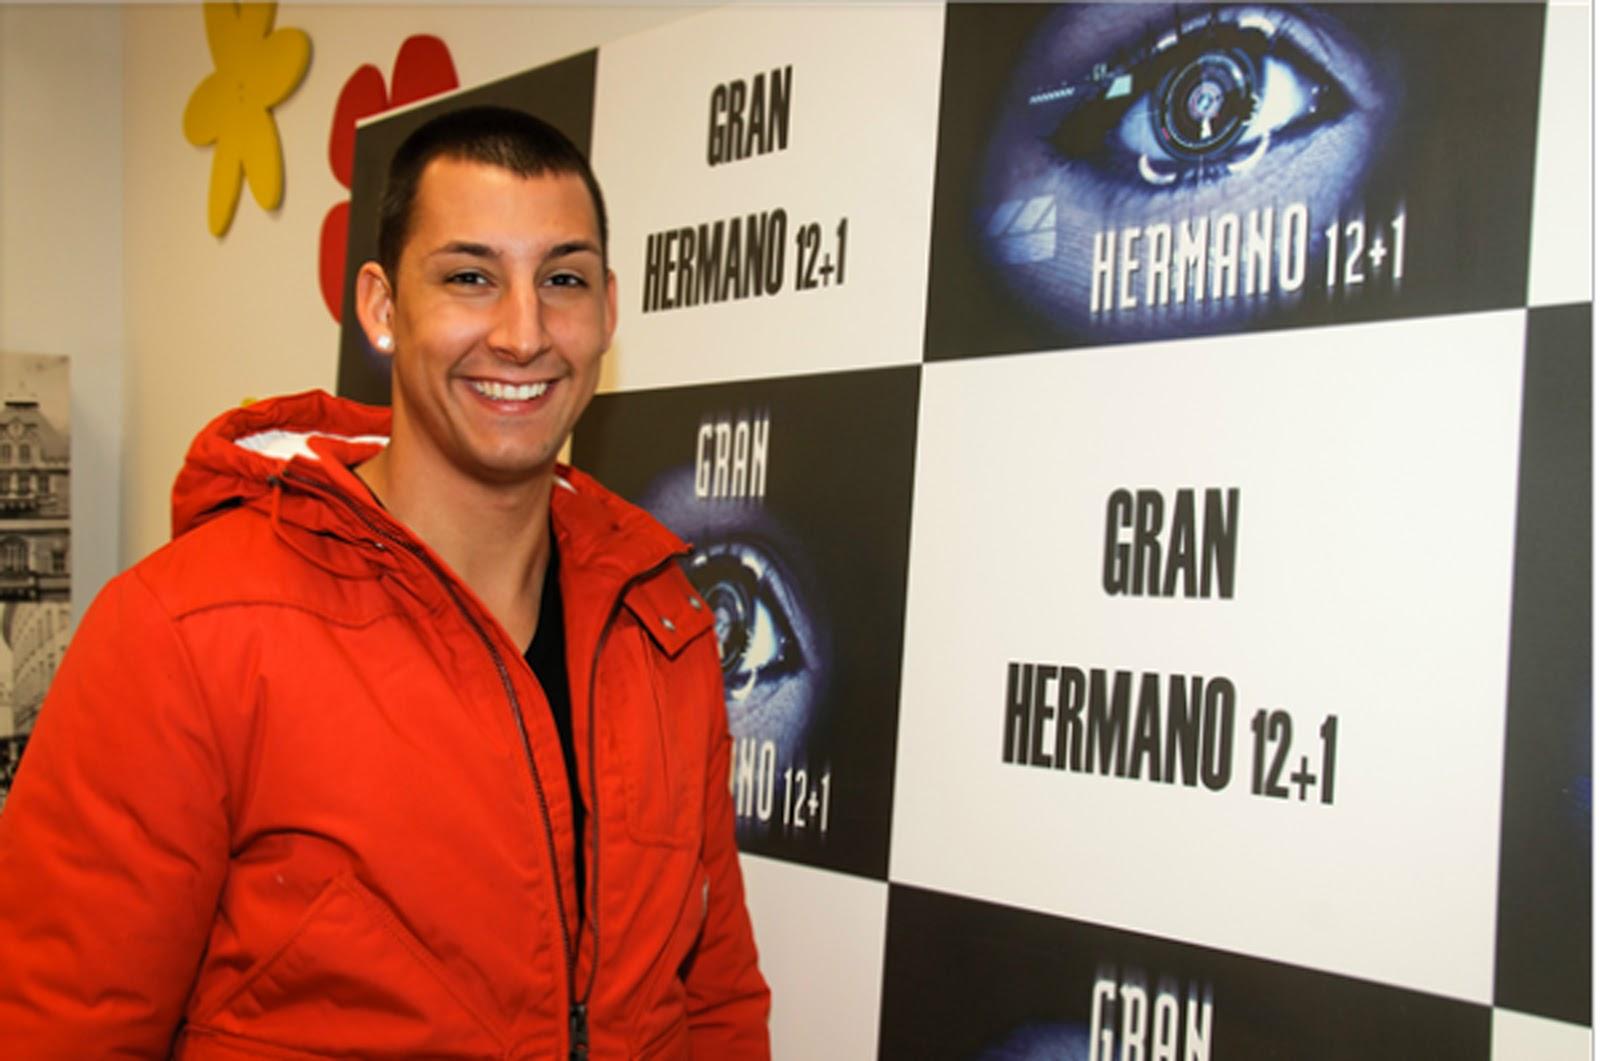 Reality Show > Gran Hermano 12+1 [4] Aris+Gran+hermano+12+mas+1